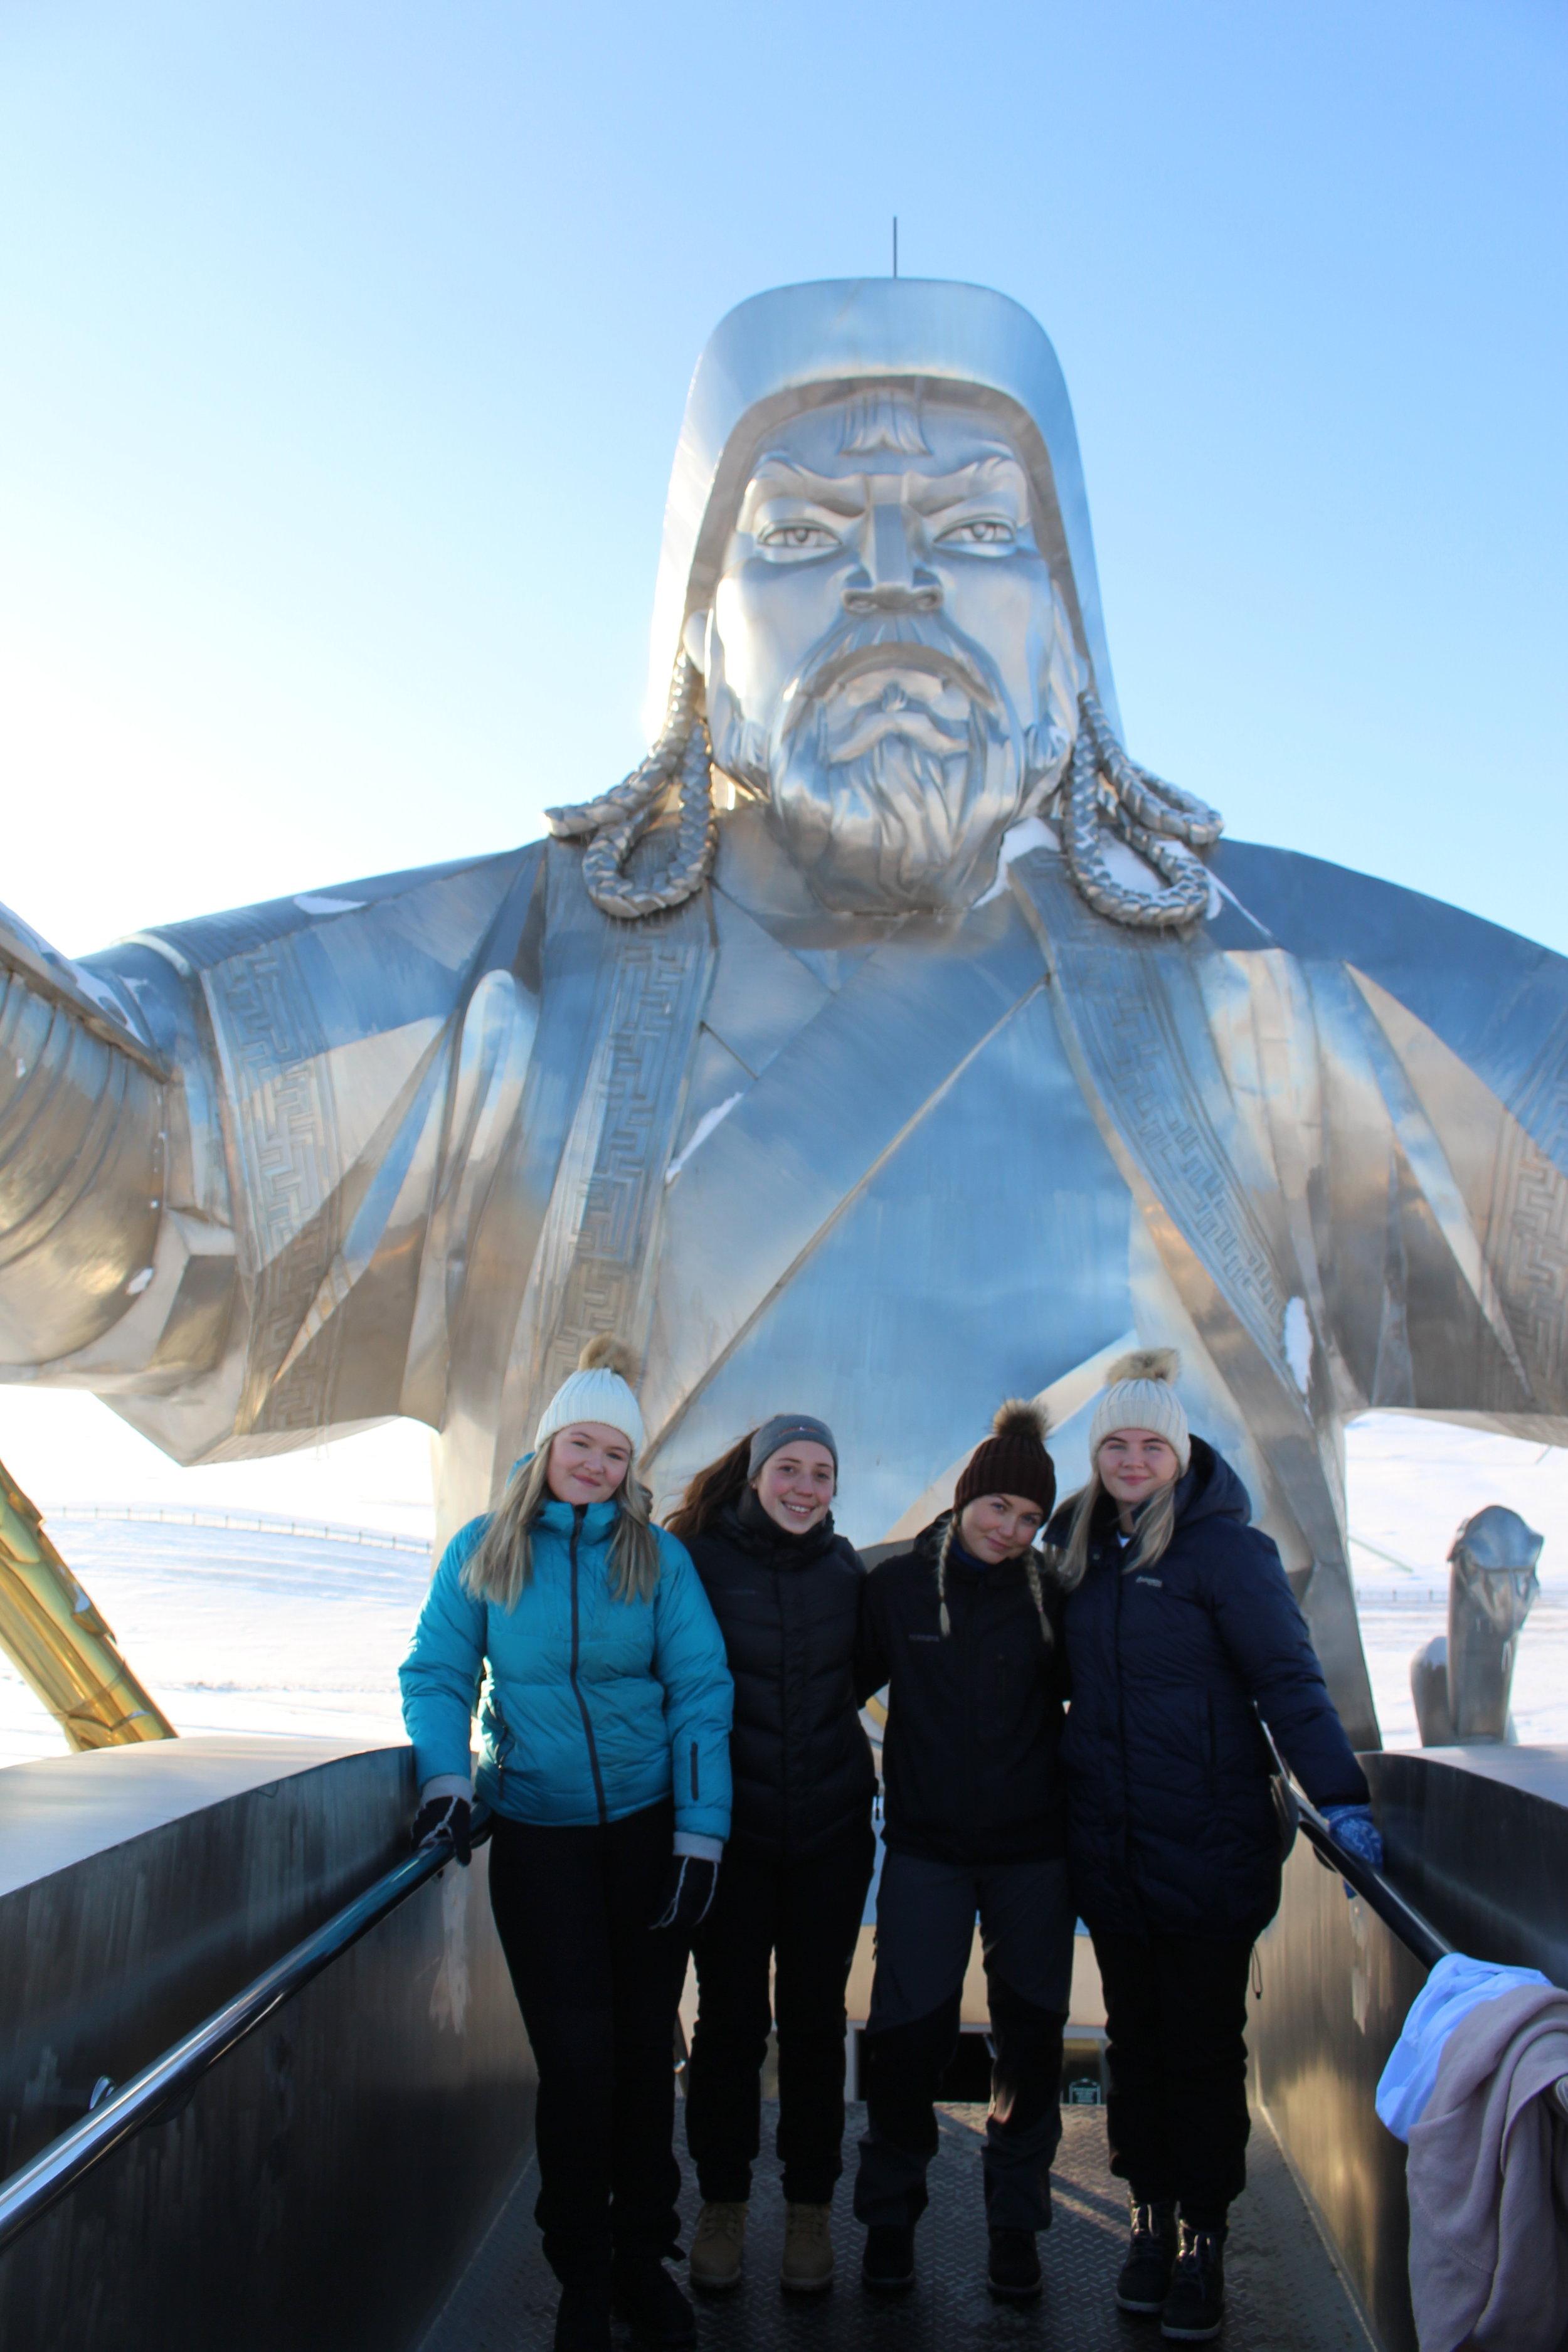 Kaja-Sofie og Sofie på toppen av Djengis-statuen sammen med to jenter fra Hurdal Verk Folkehøgskole.